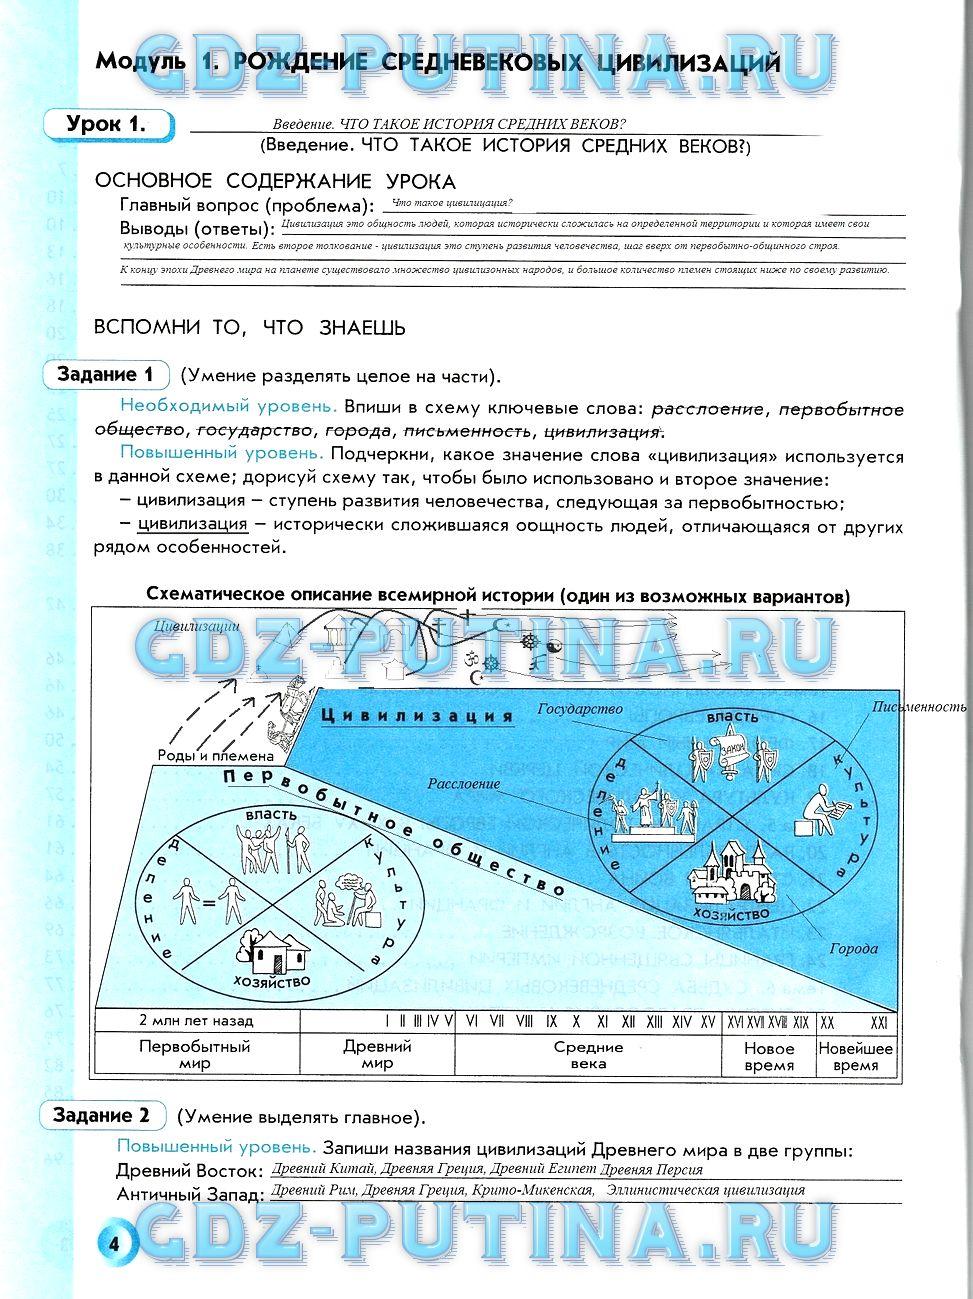 гдз по истории 6 класс Данилов, Давыдова.